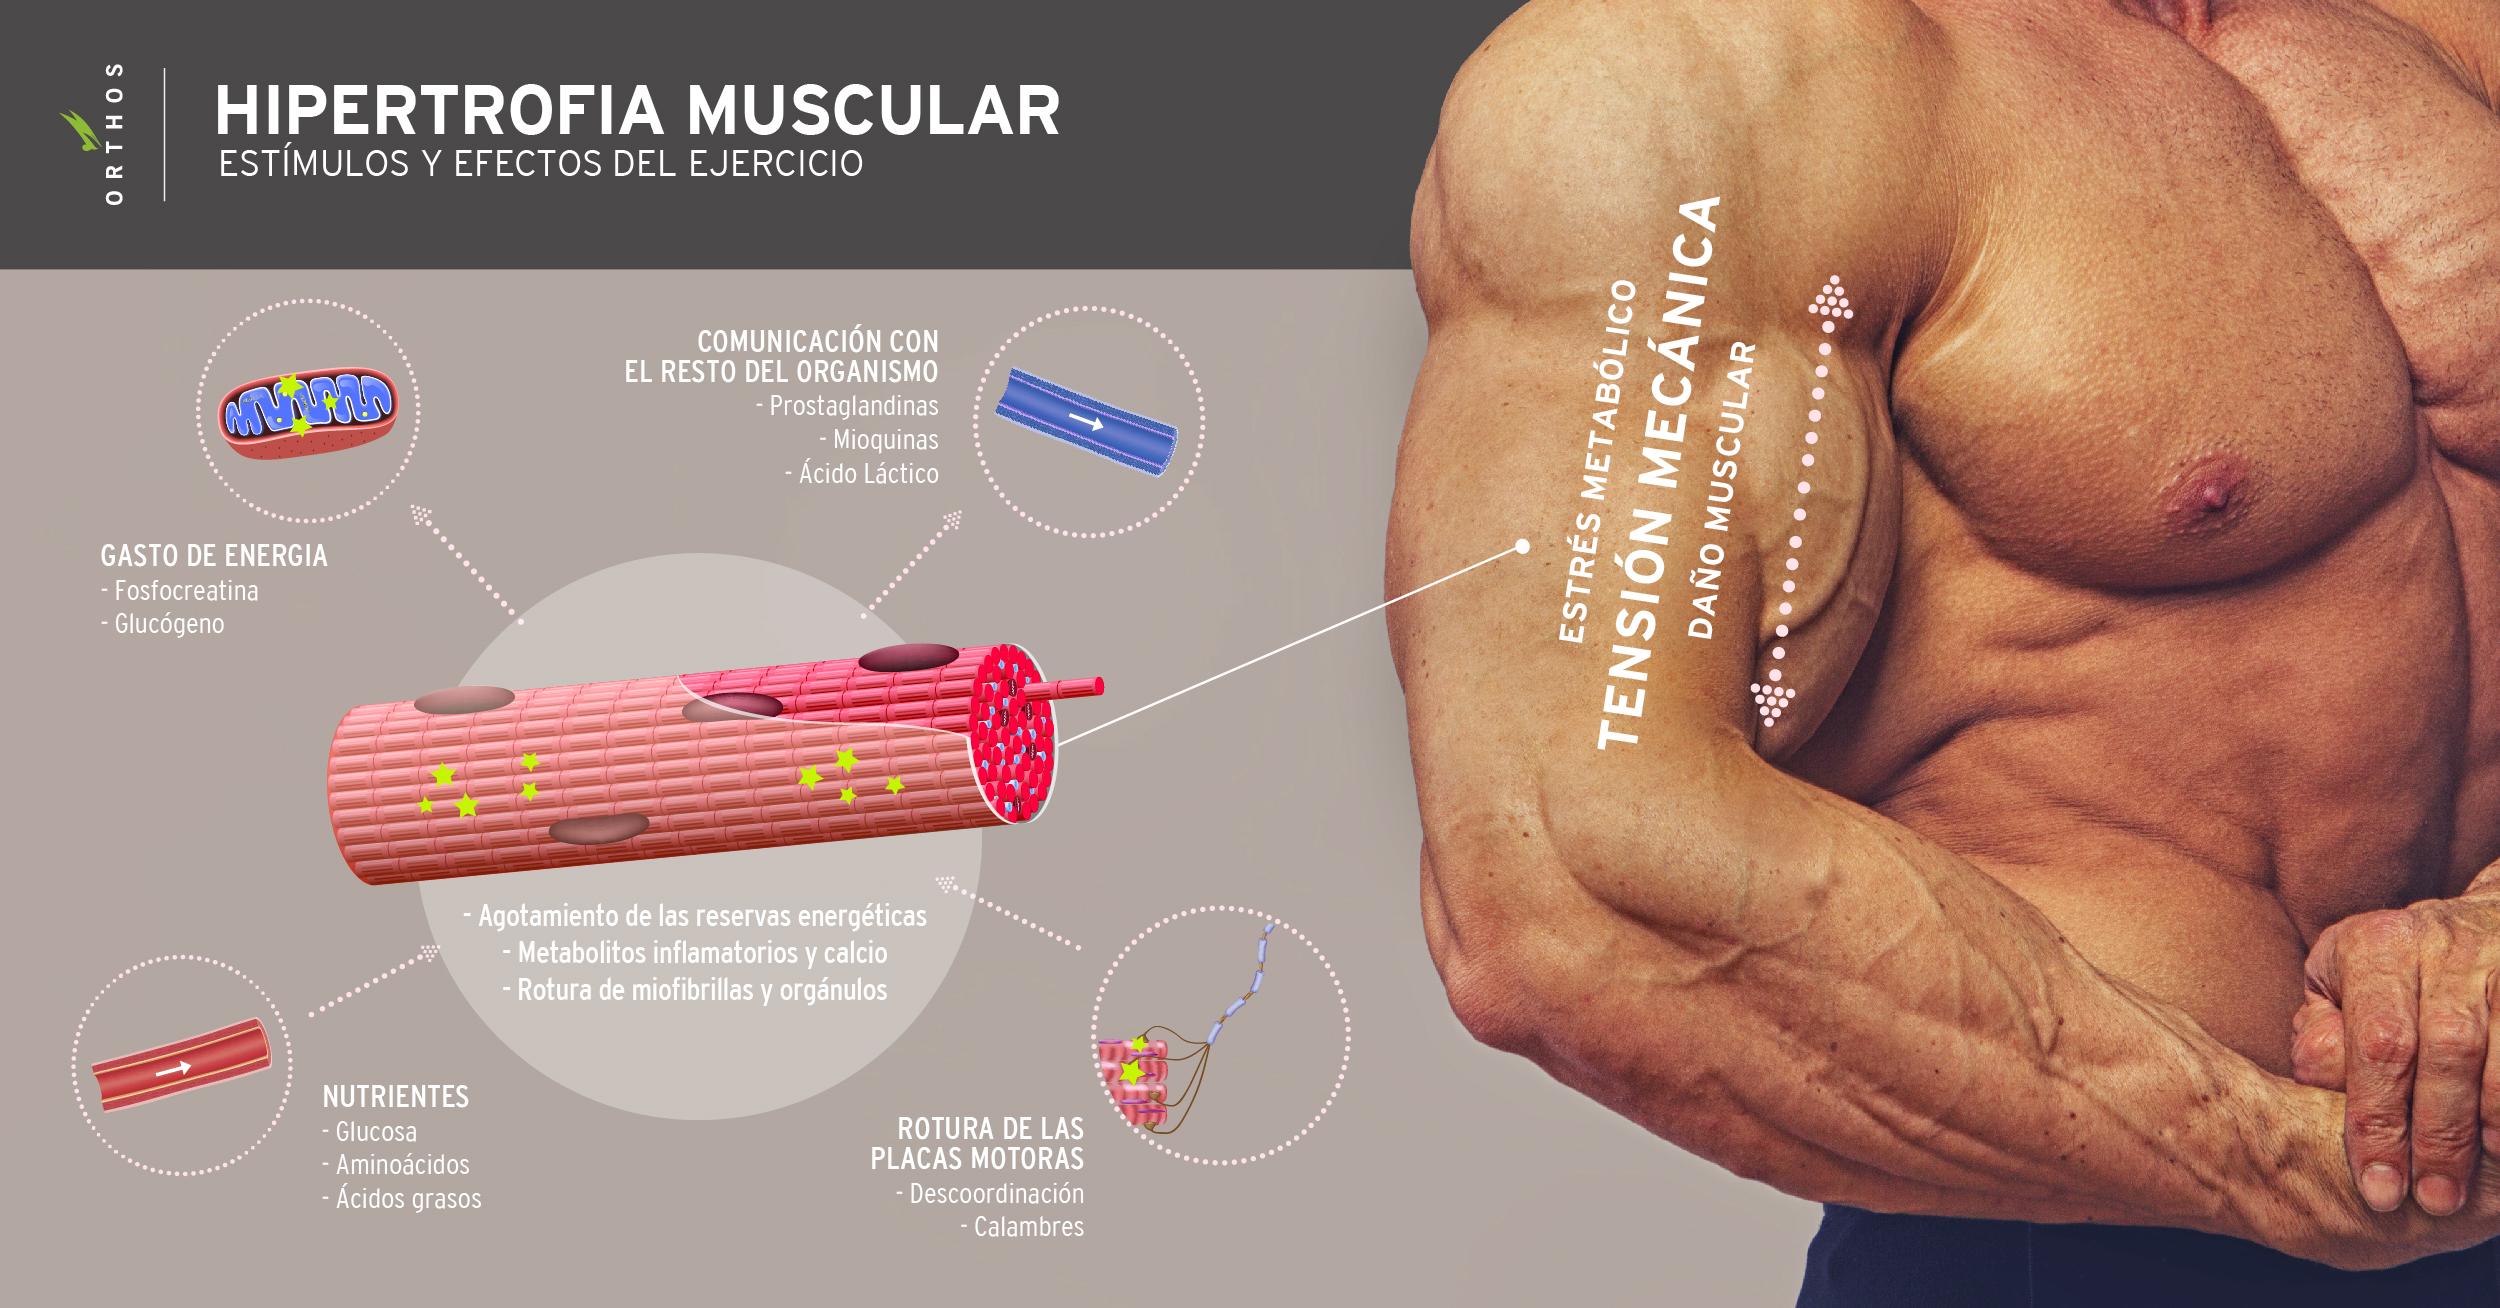 Enseñanza Orthos. Escuela de formación Deportiva. Hipertrofia muscular